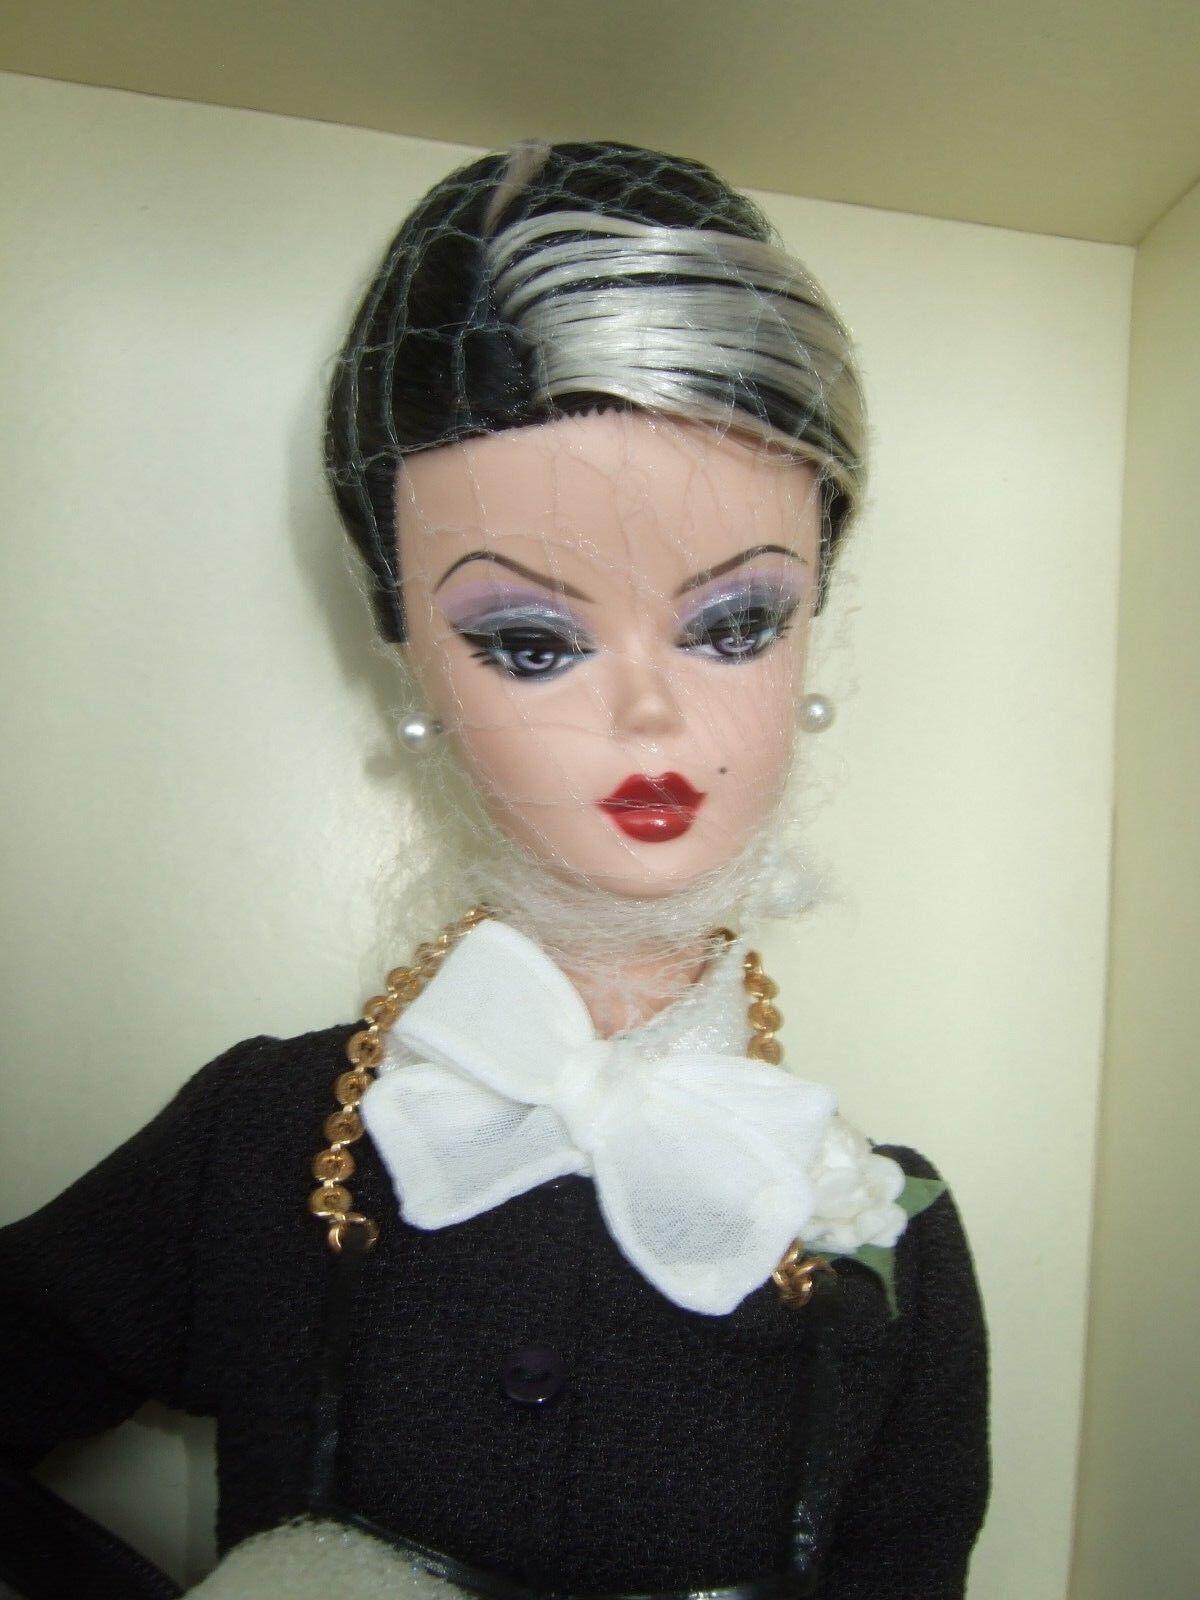 Difficile da trovare MATTEL  SILKSTONE Barbie nuovo con scatola Nuovo di zecca con scatola 2008  design semplice e generoso